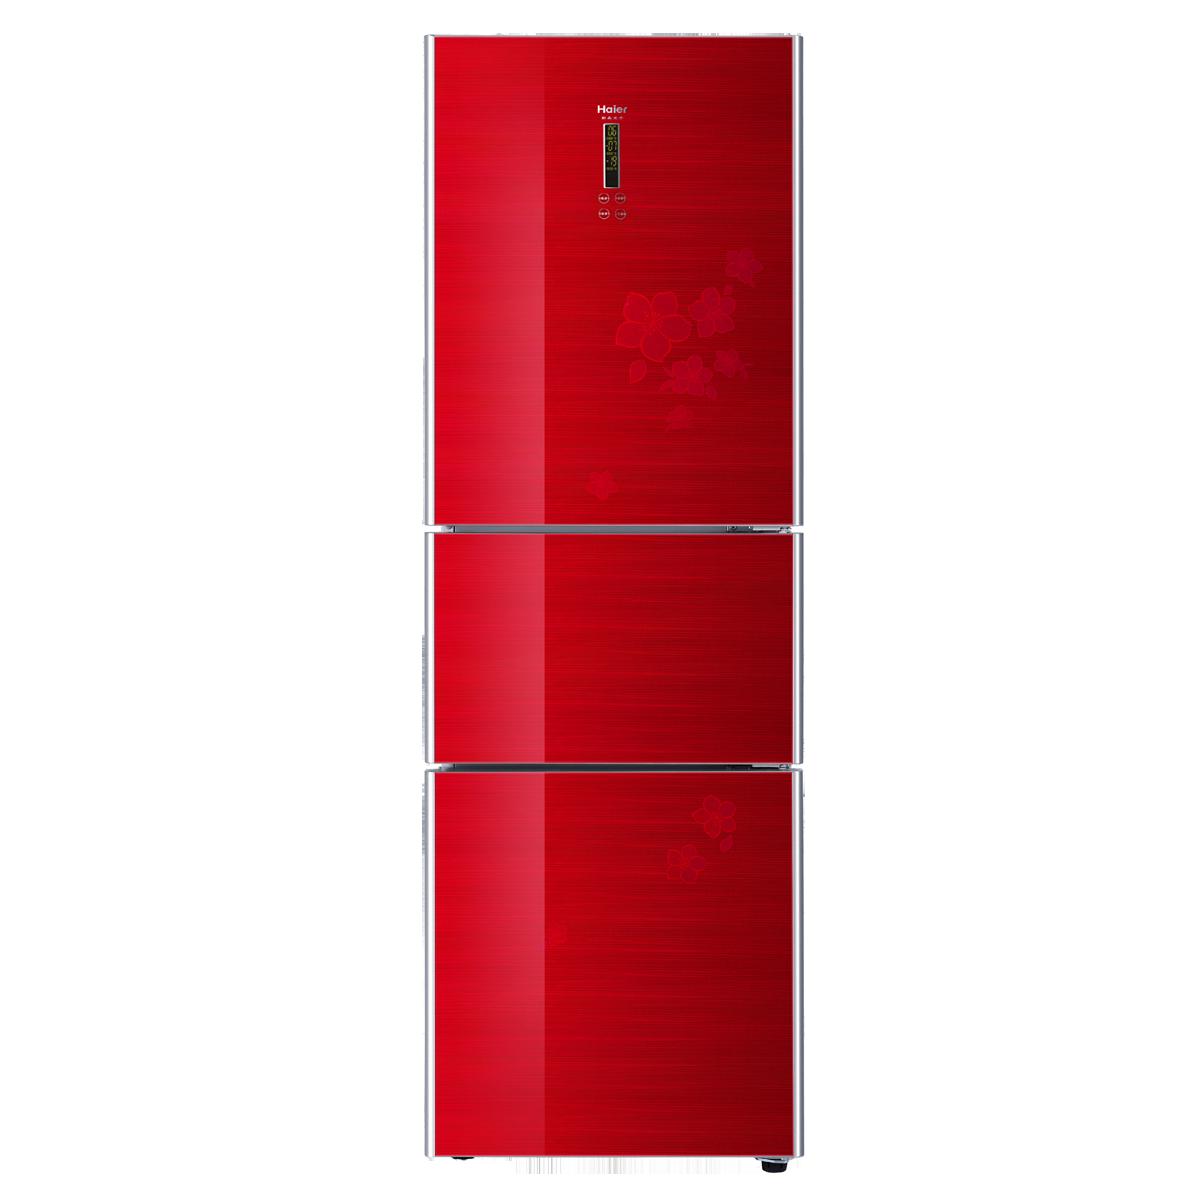 海尔Haier冰箱 BCD-216SDCFM 说明书